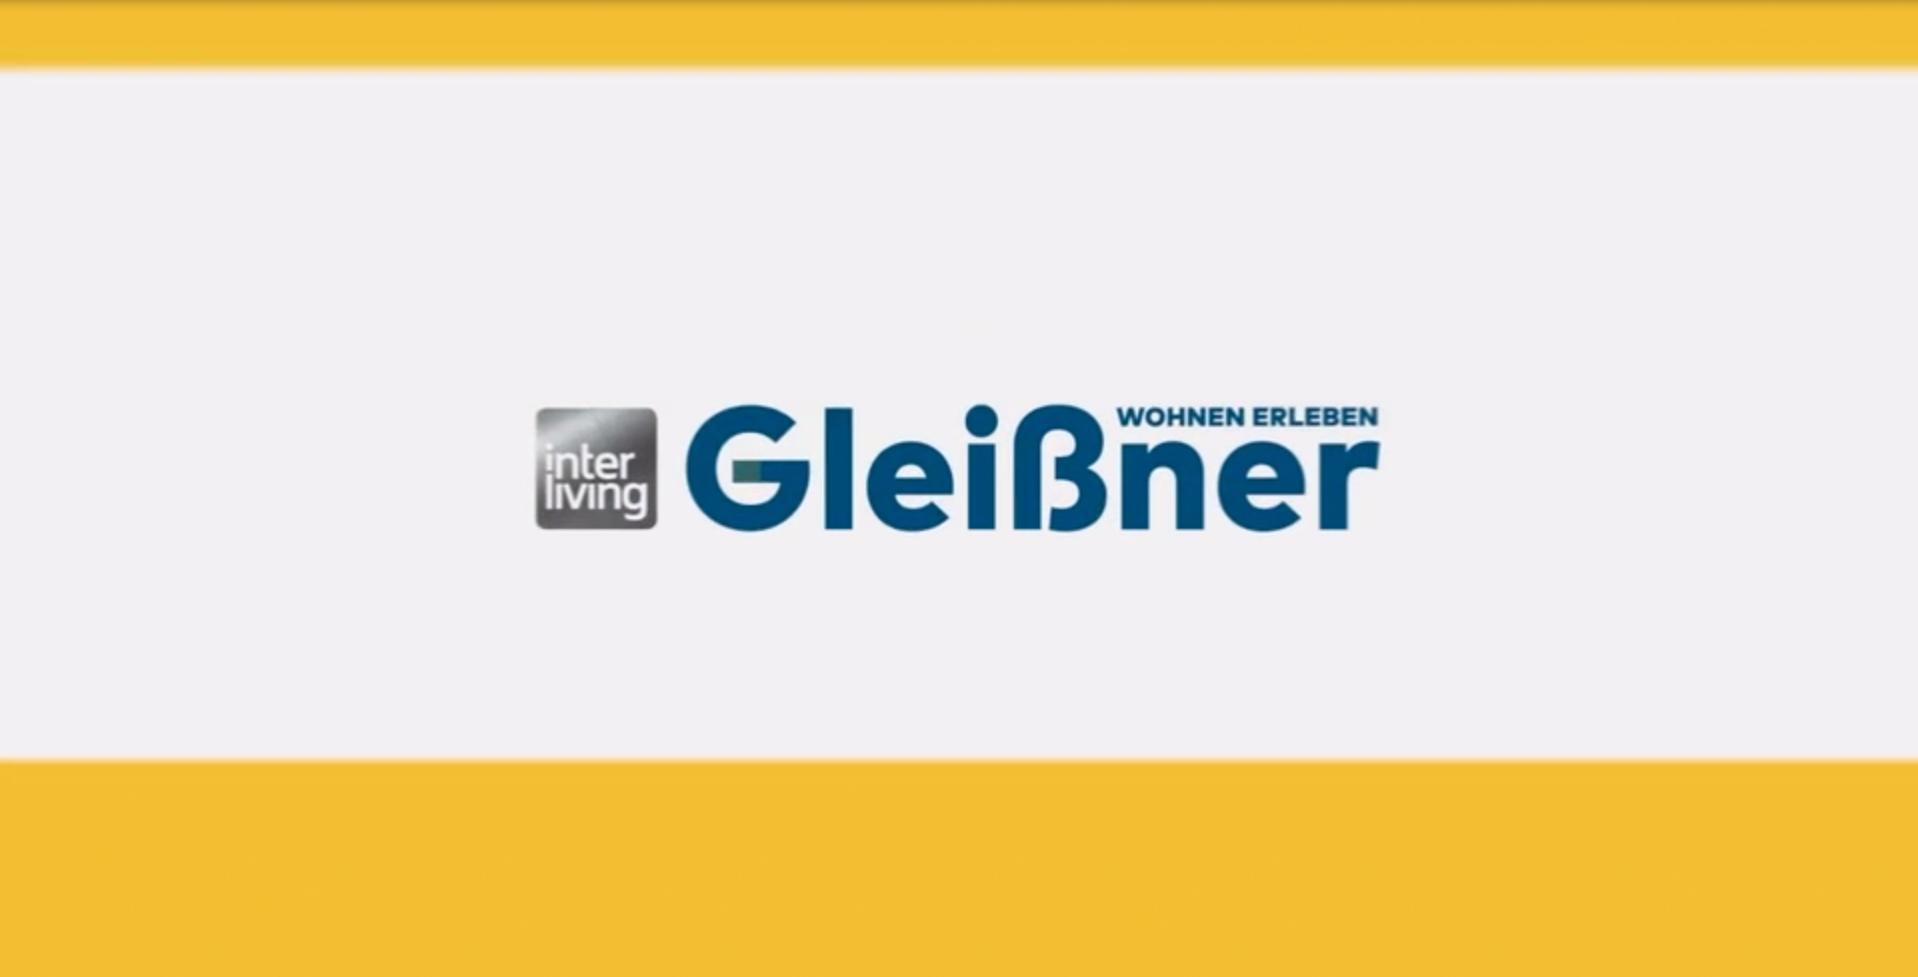 Gleissner_reklama